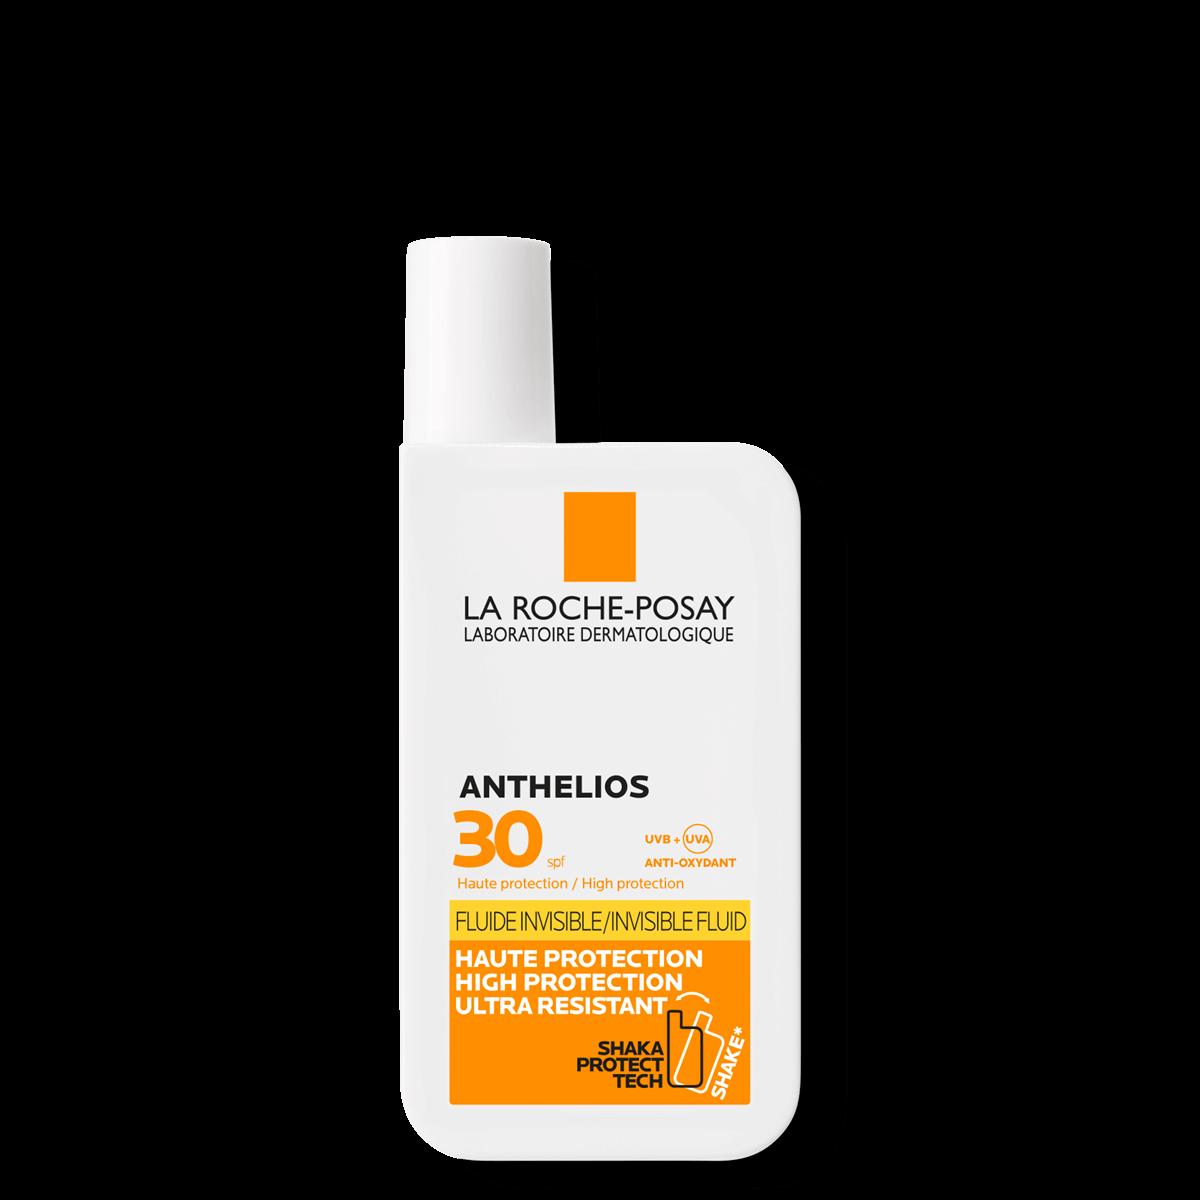 ANTHELIOS NIEWIDOCZNY FLUID SPF 30 przód 1 | La Roche Posay